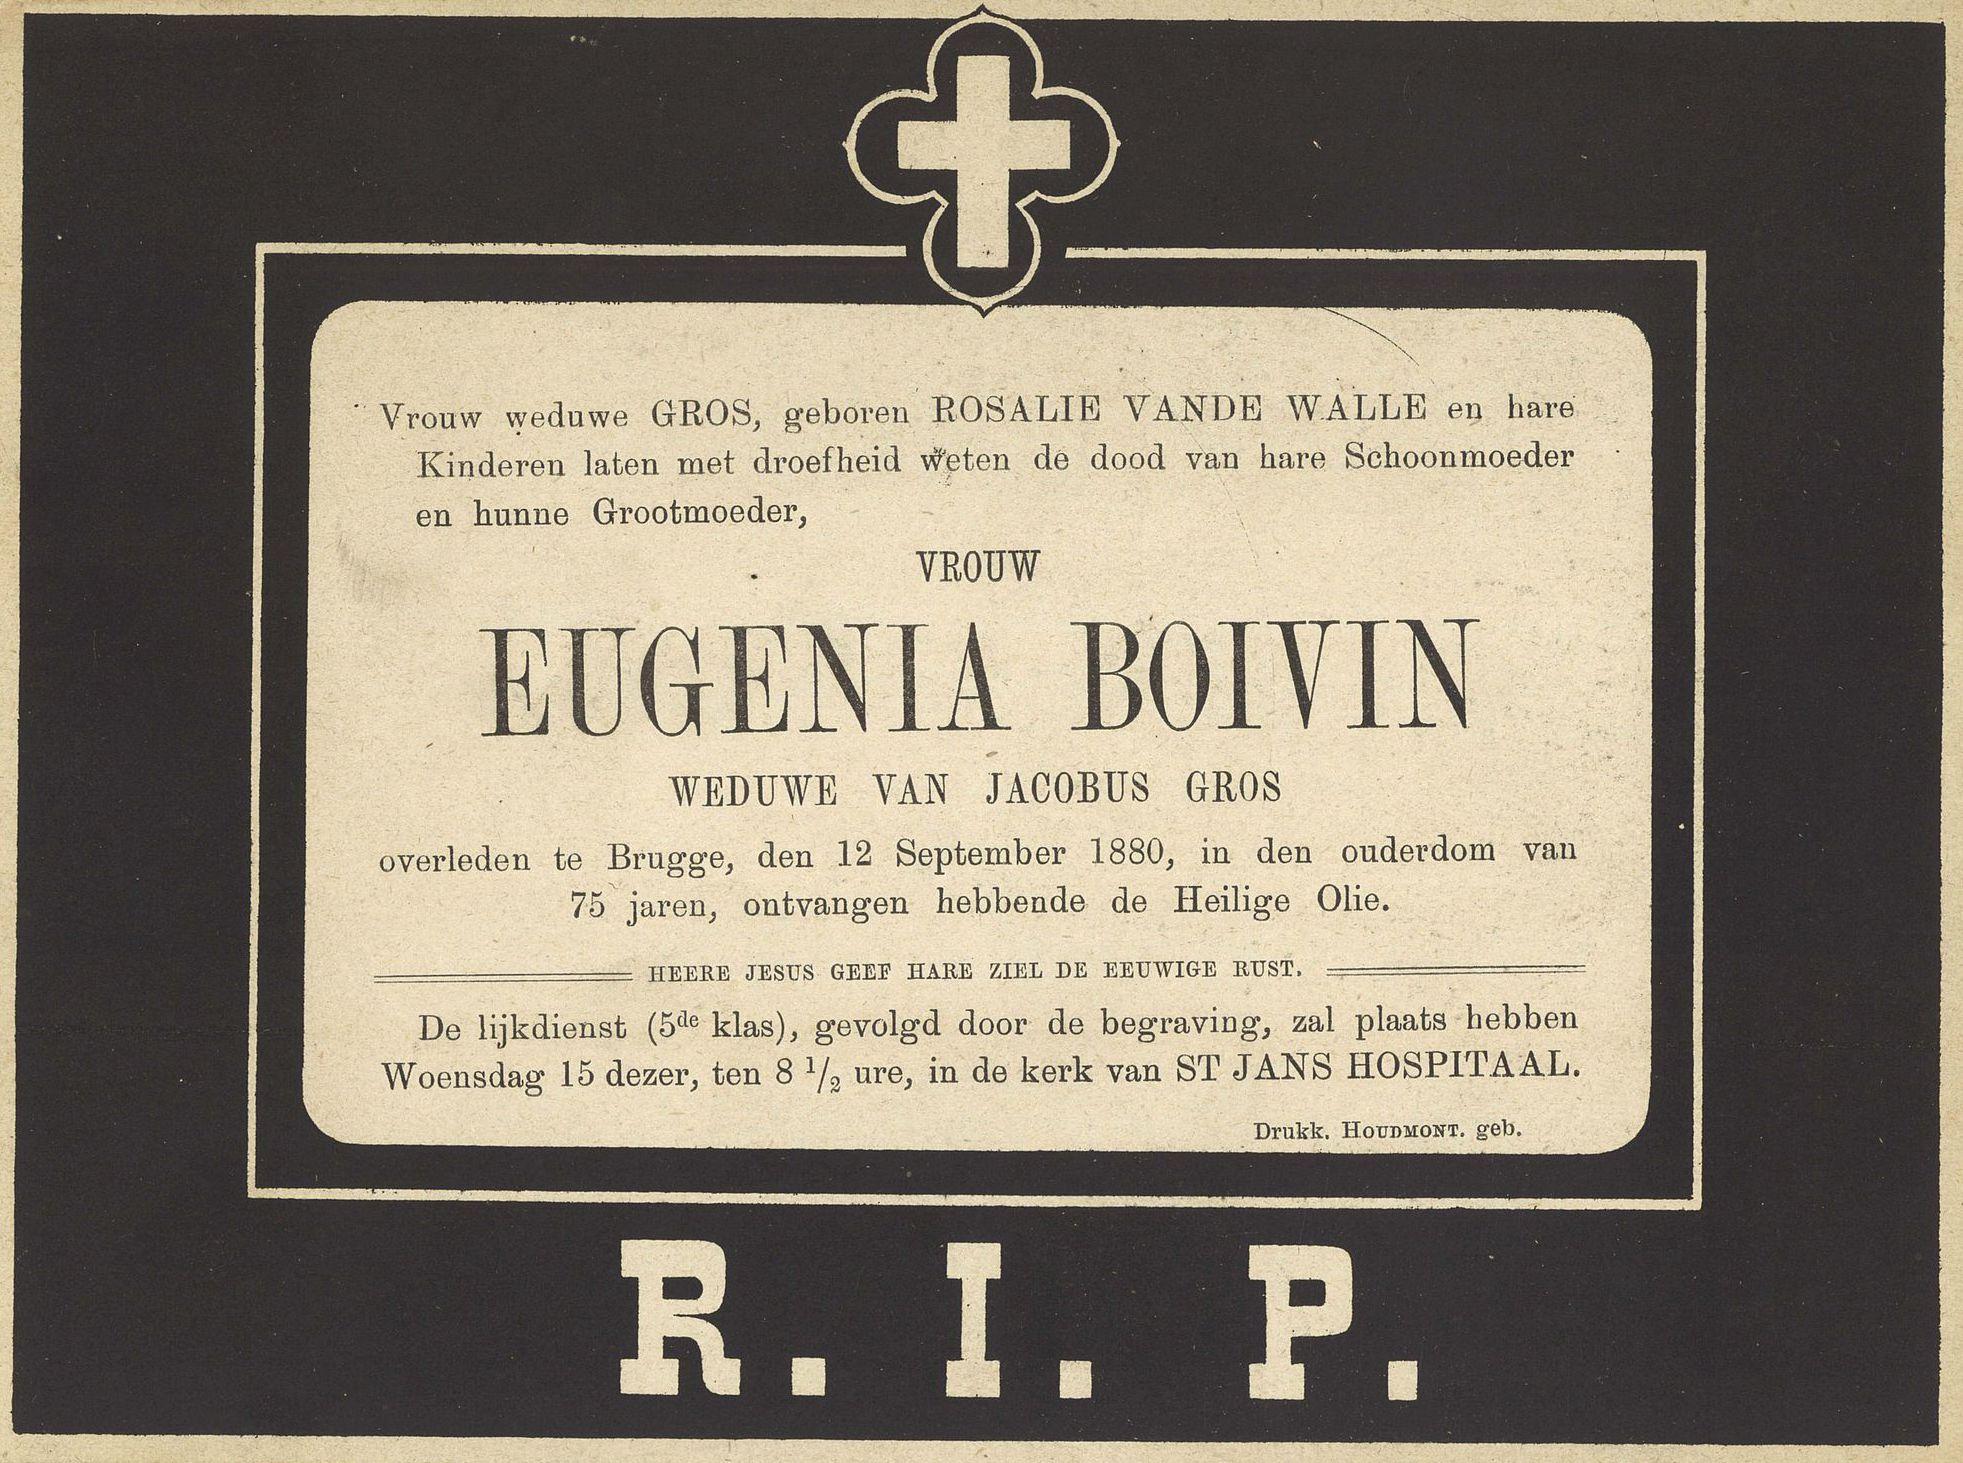 Eugenia Boivin